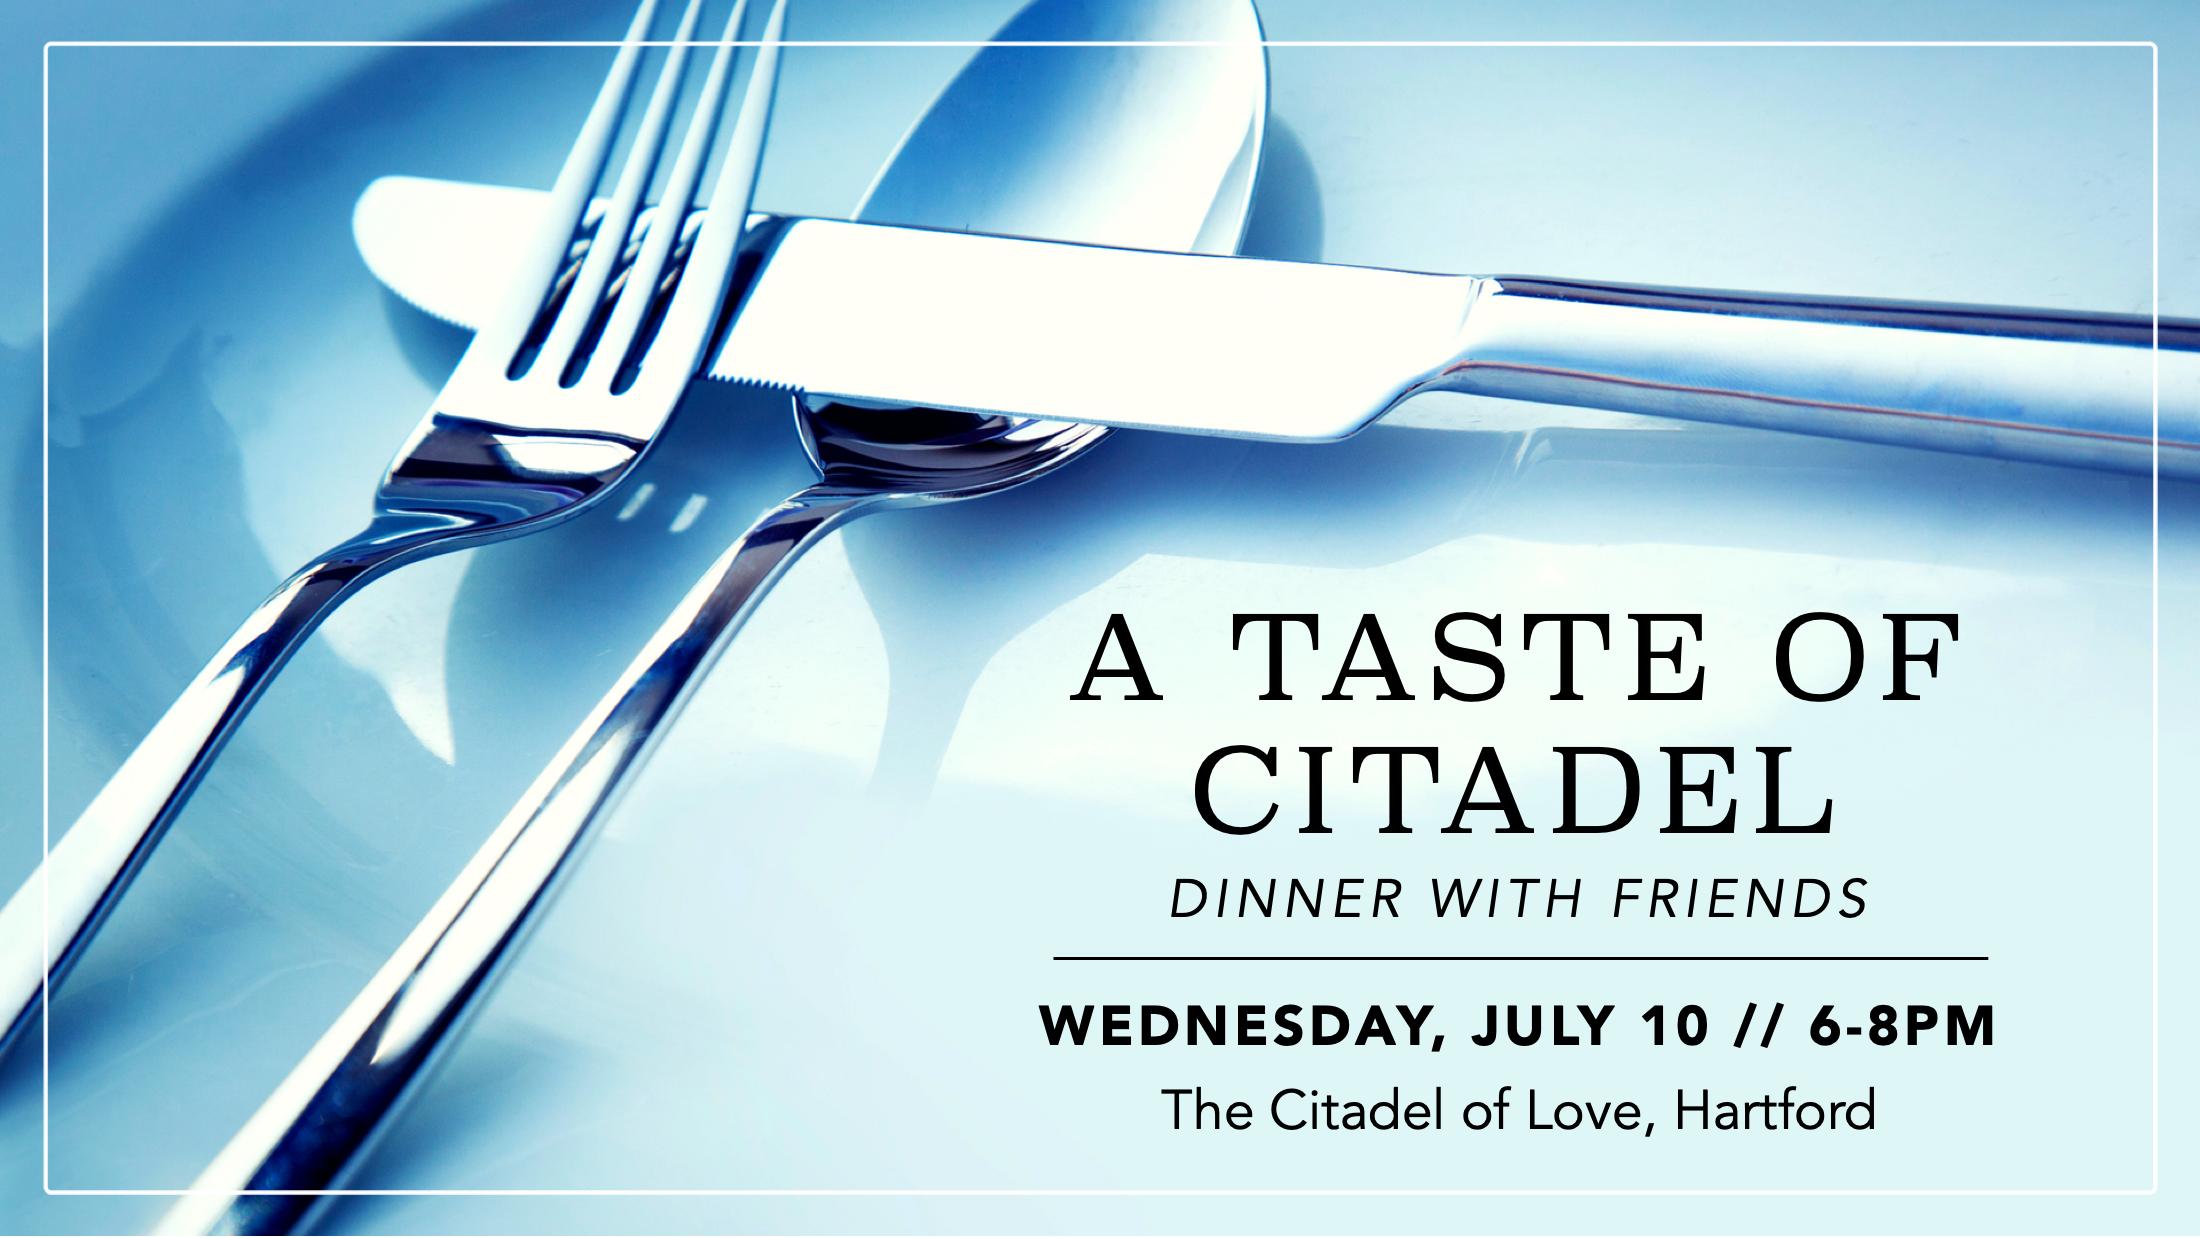 A Taste of Citadel 2019.png